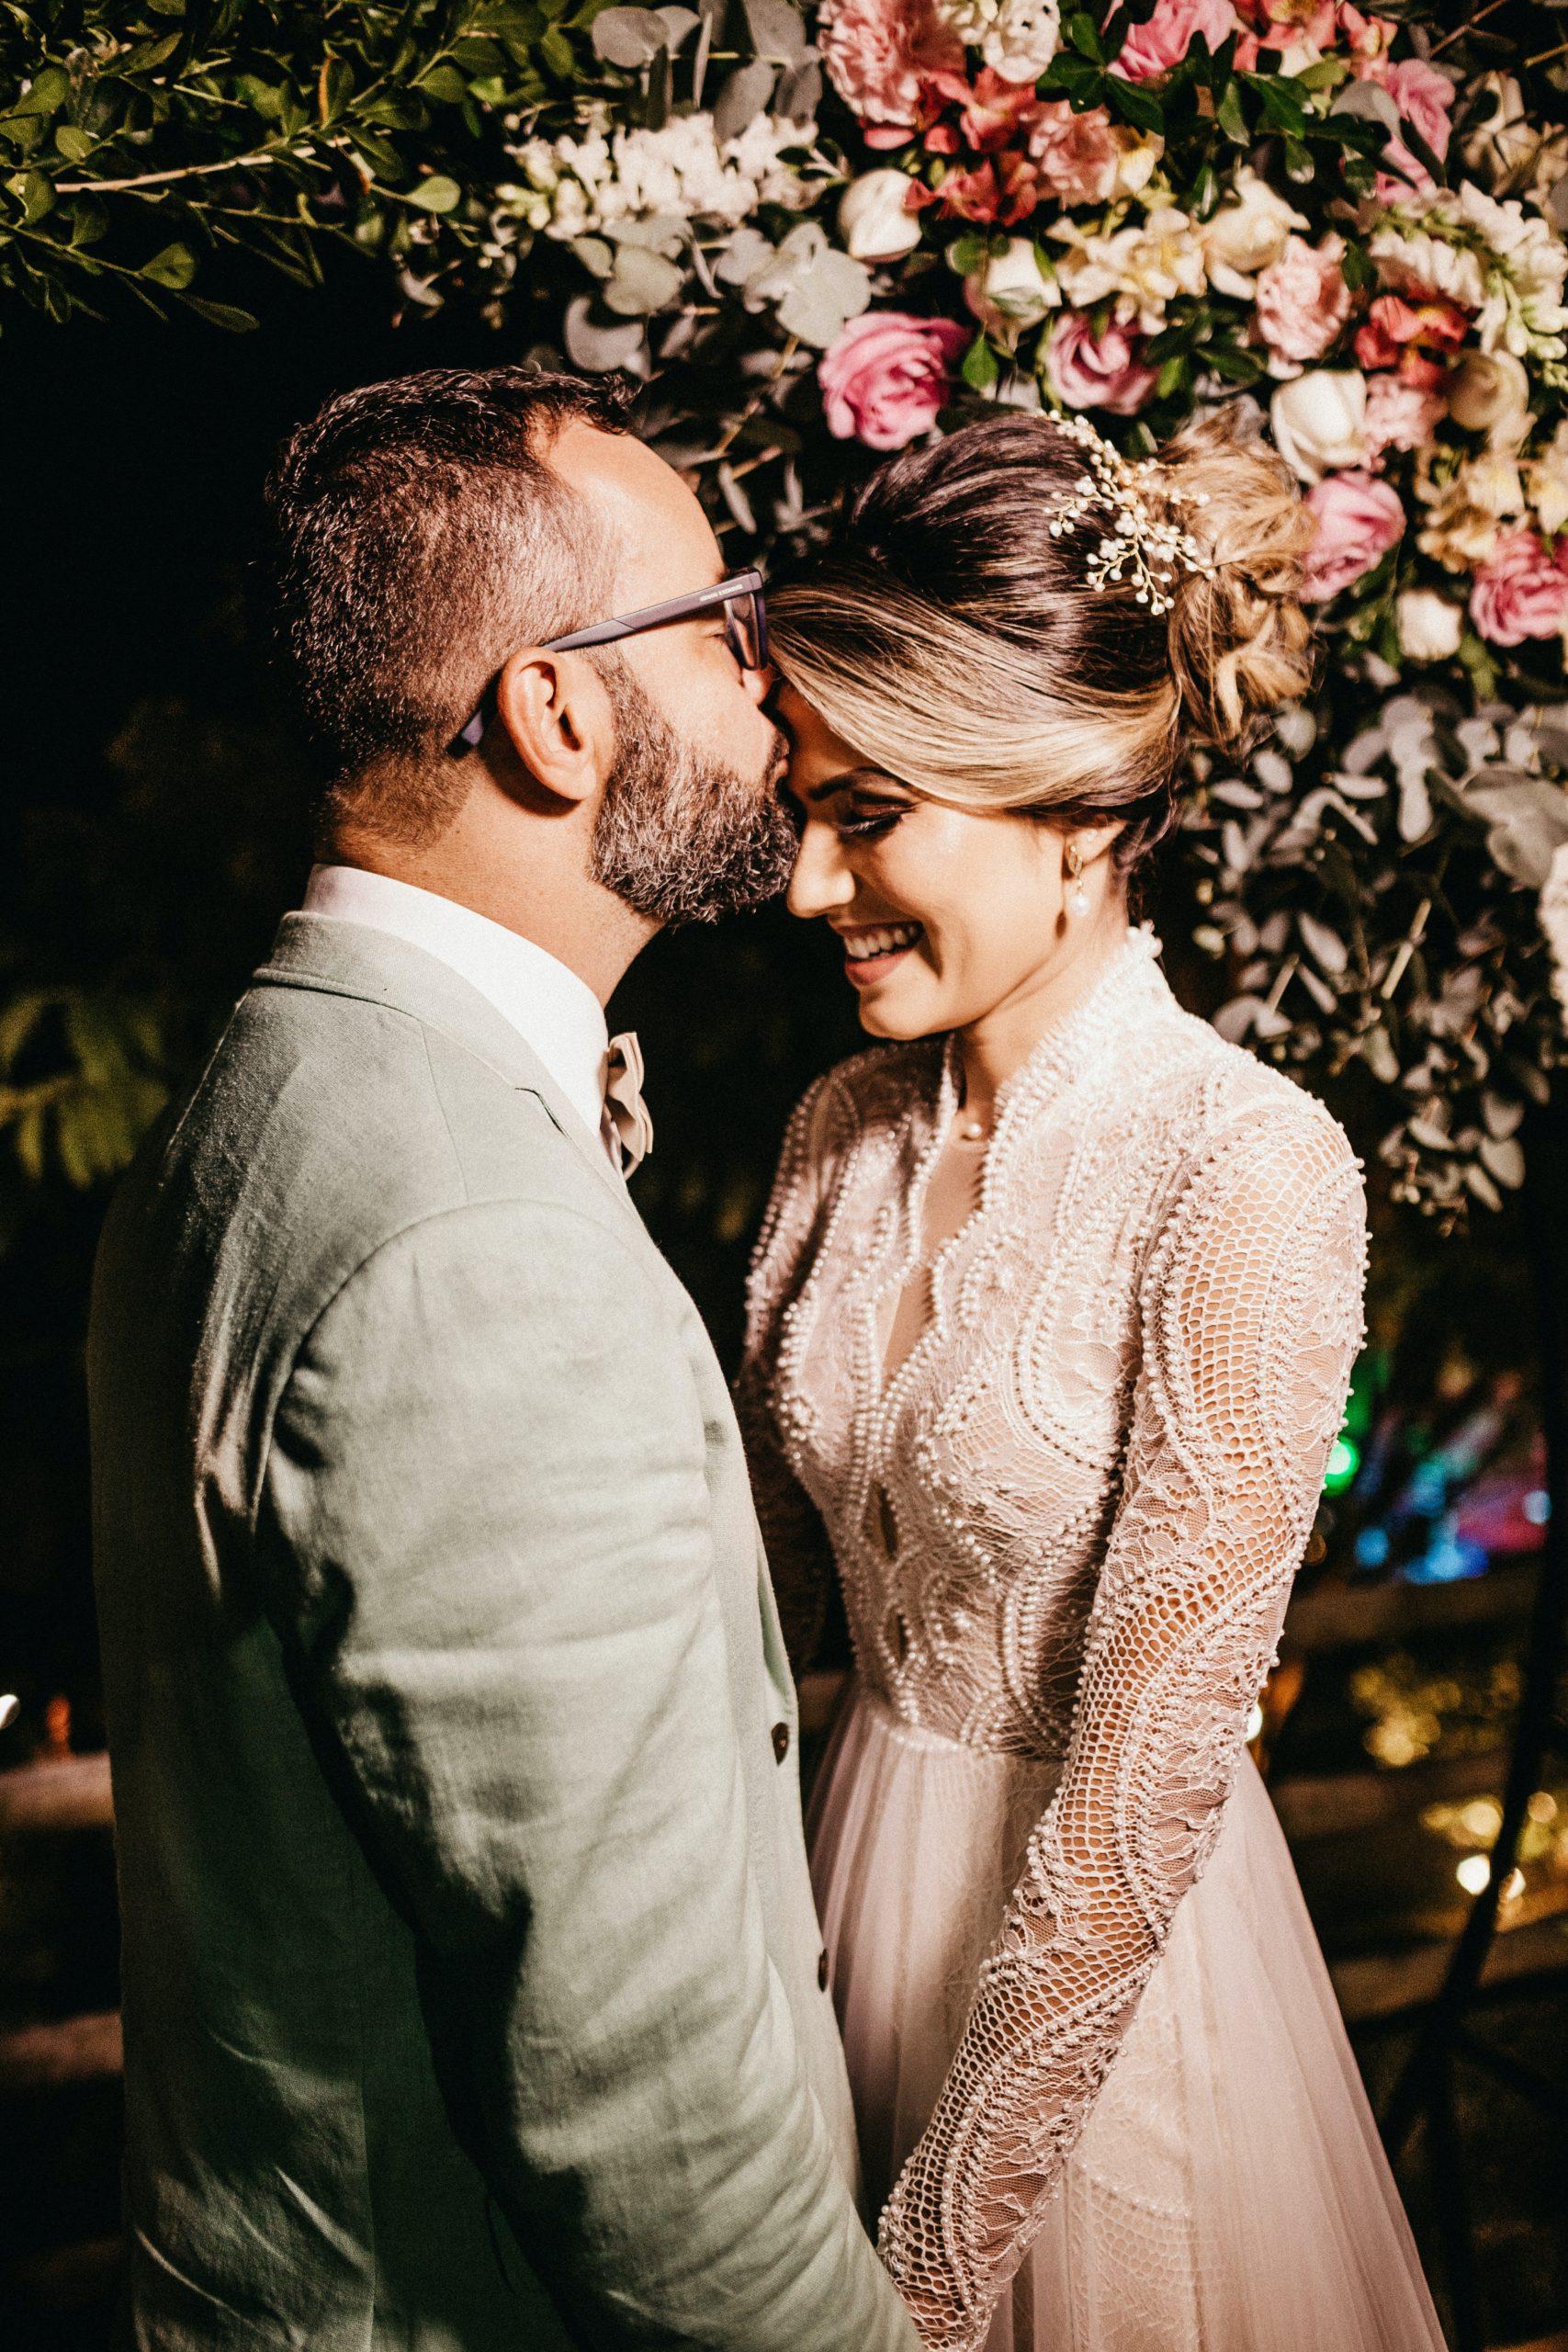 man-kissing-woman-forehead-3014857